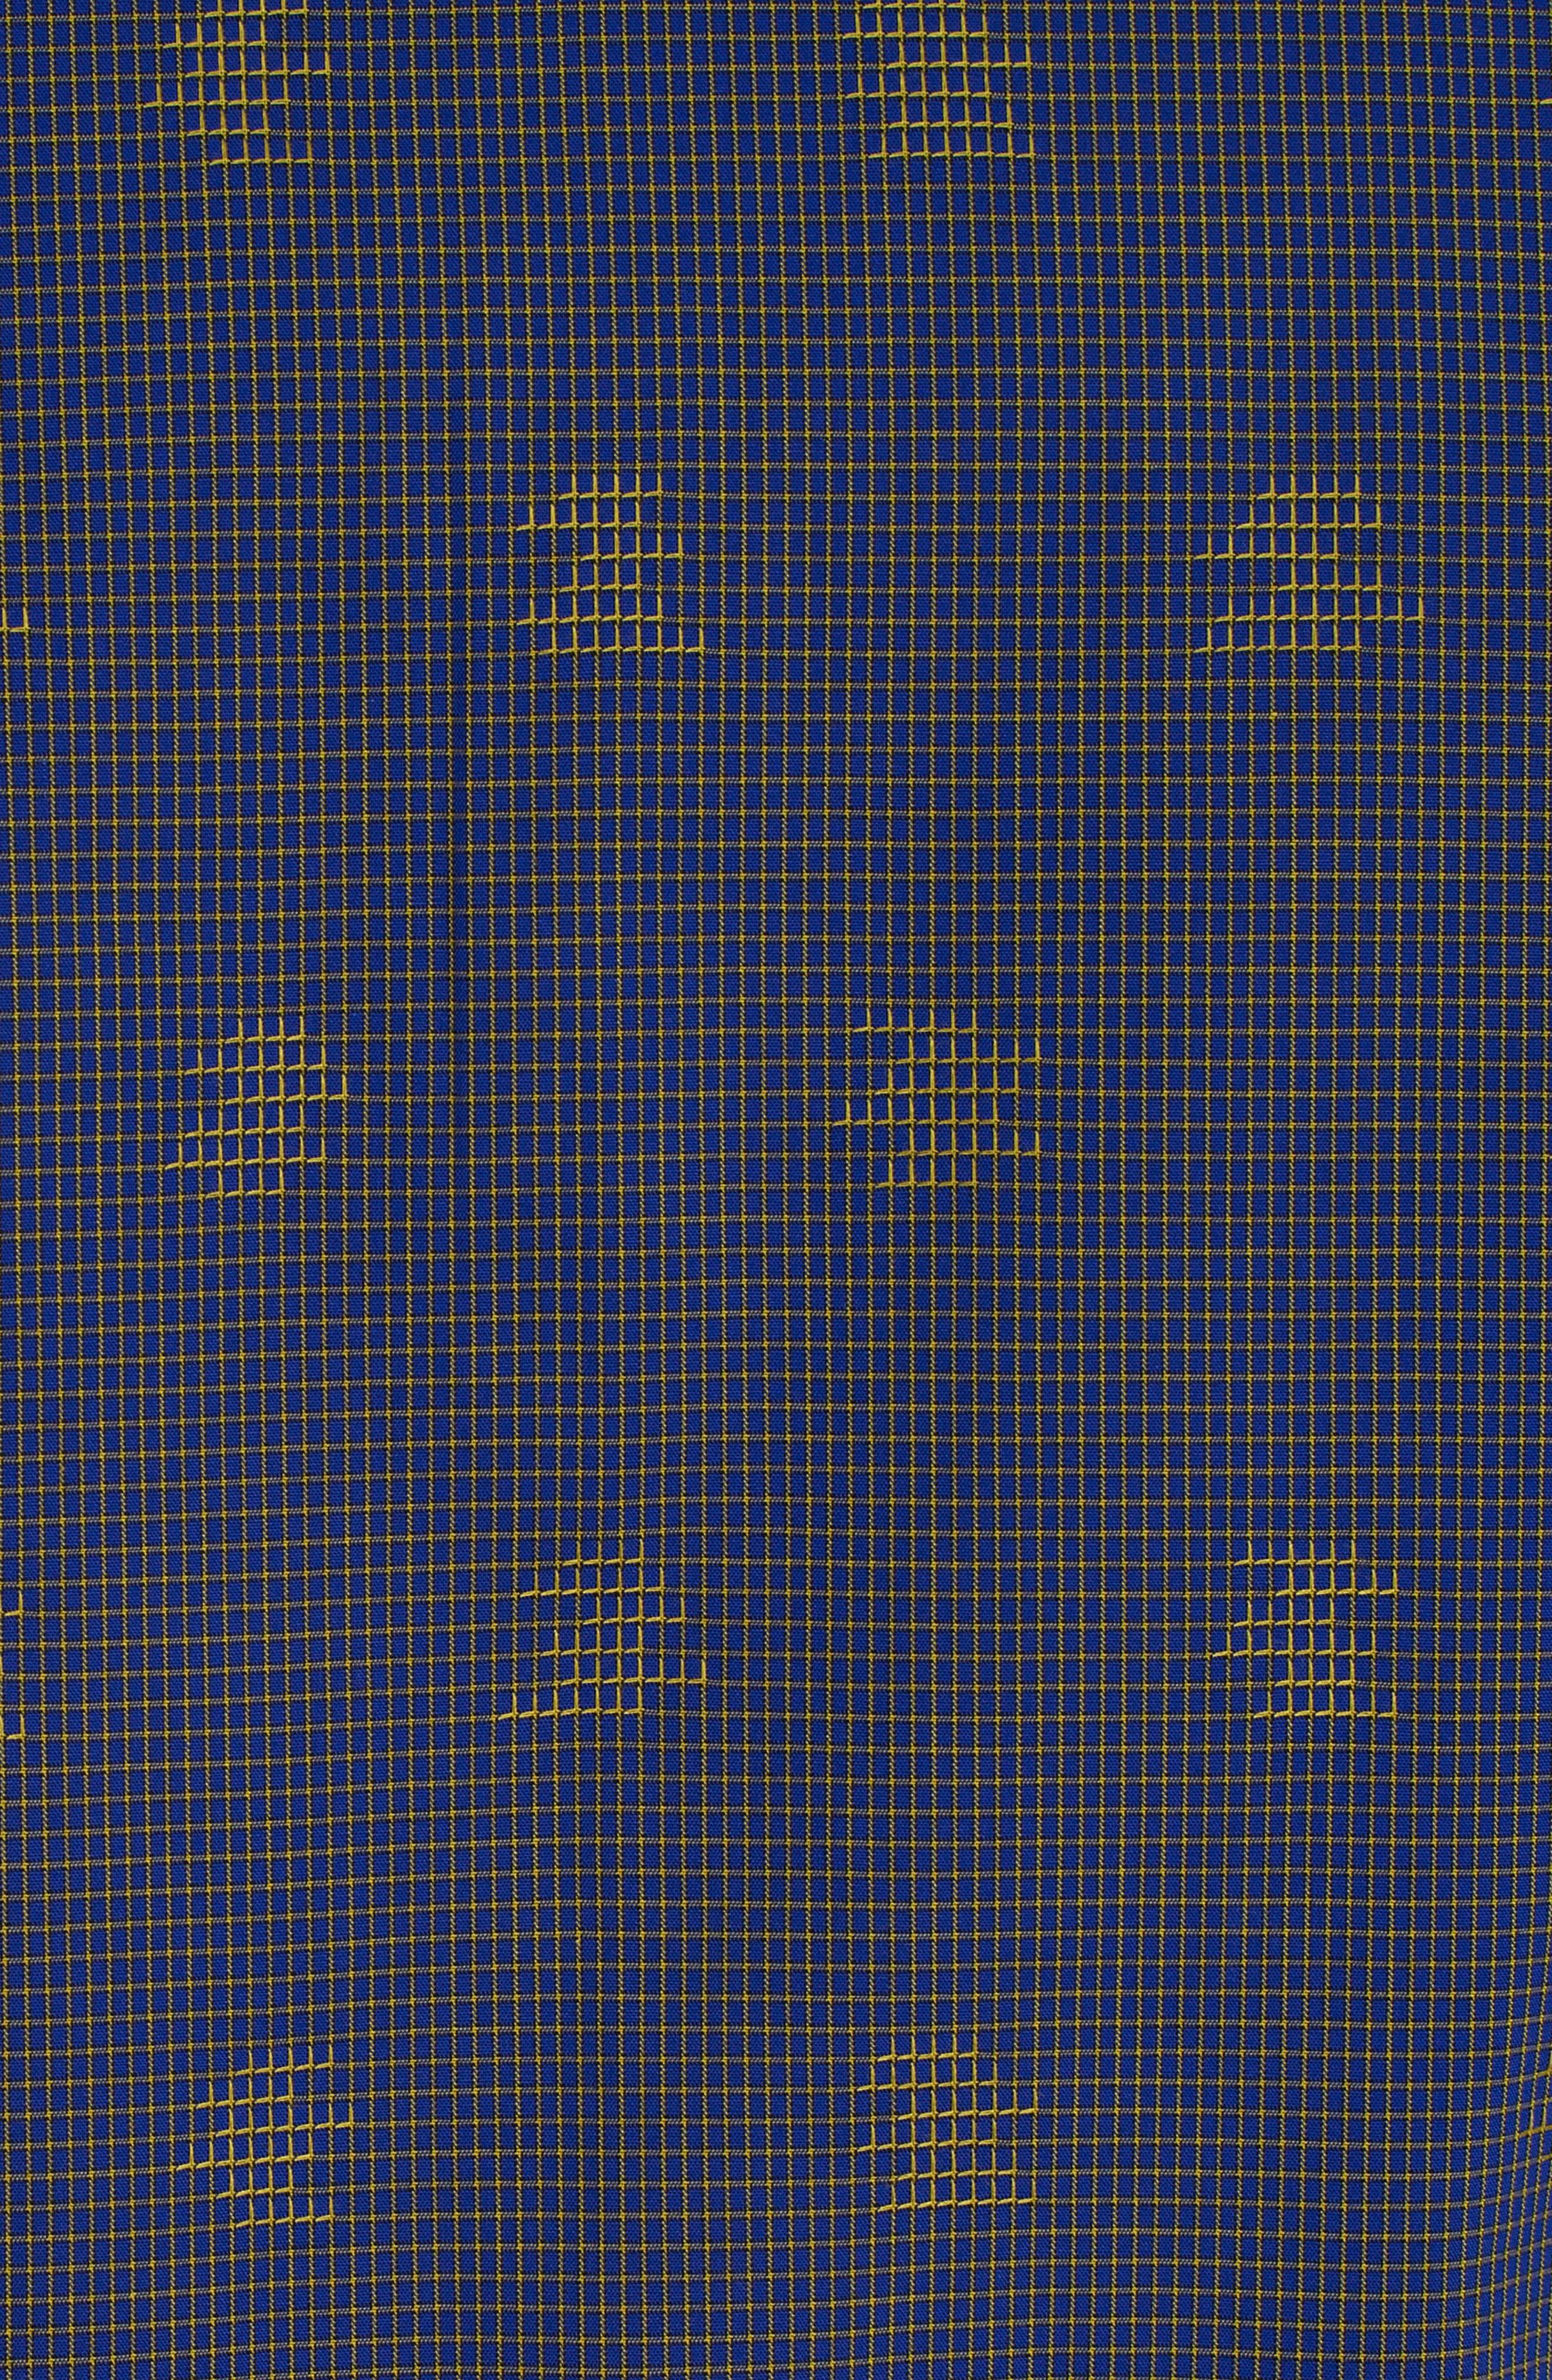 Vidin Regular Fit Jacquard Dot Sport Shirt,                             Alternate thumbnail 6, color,                             Blue